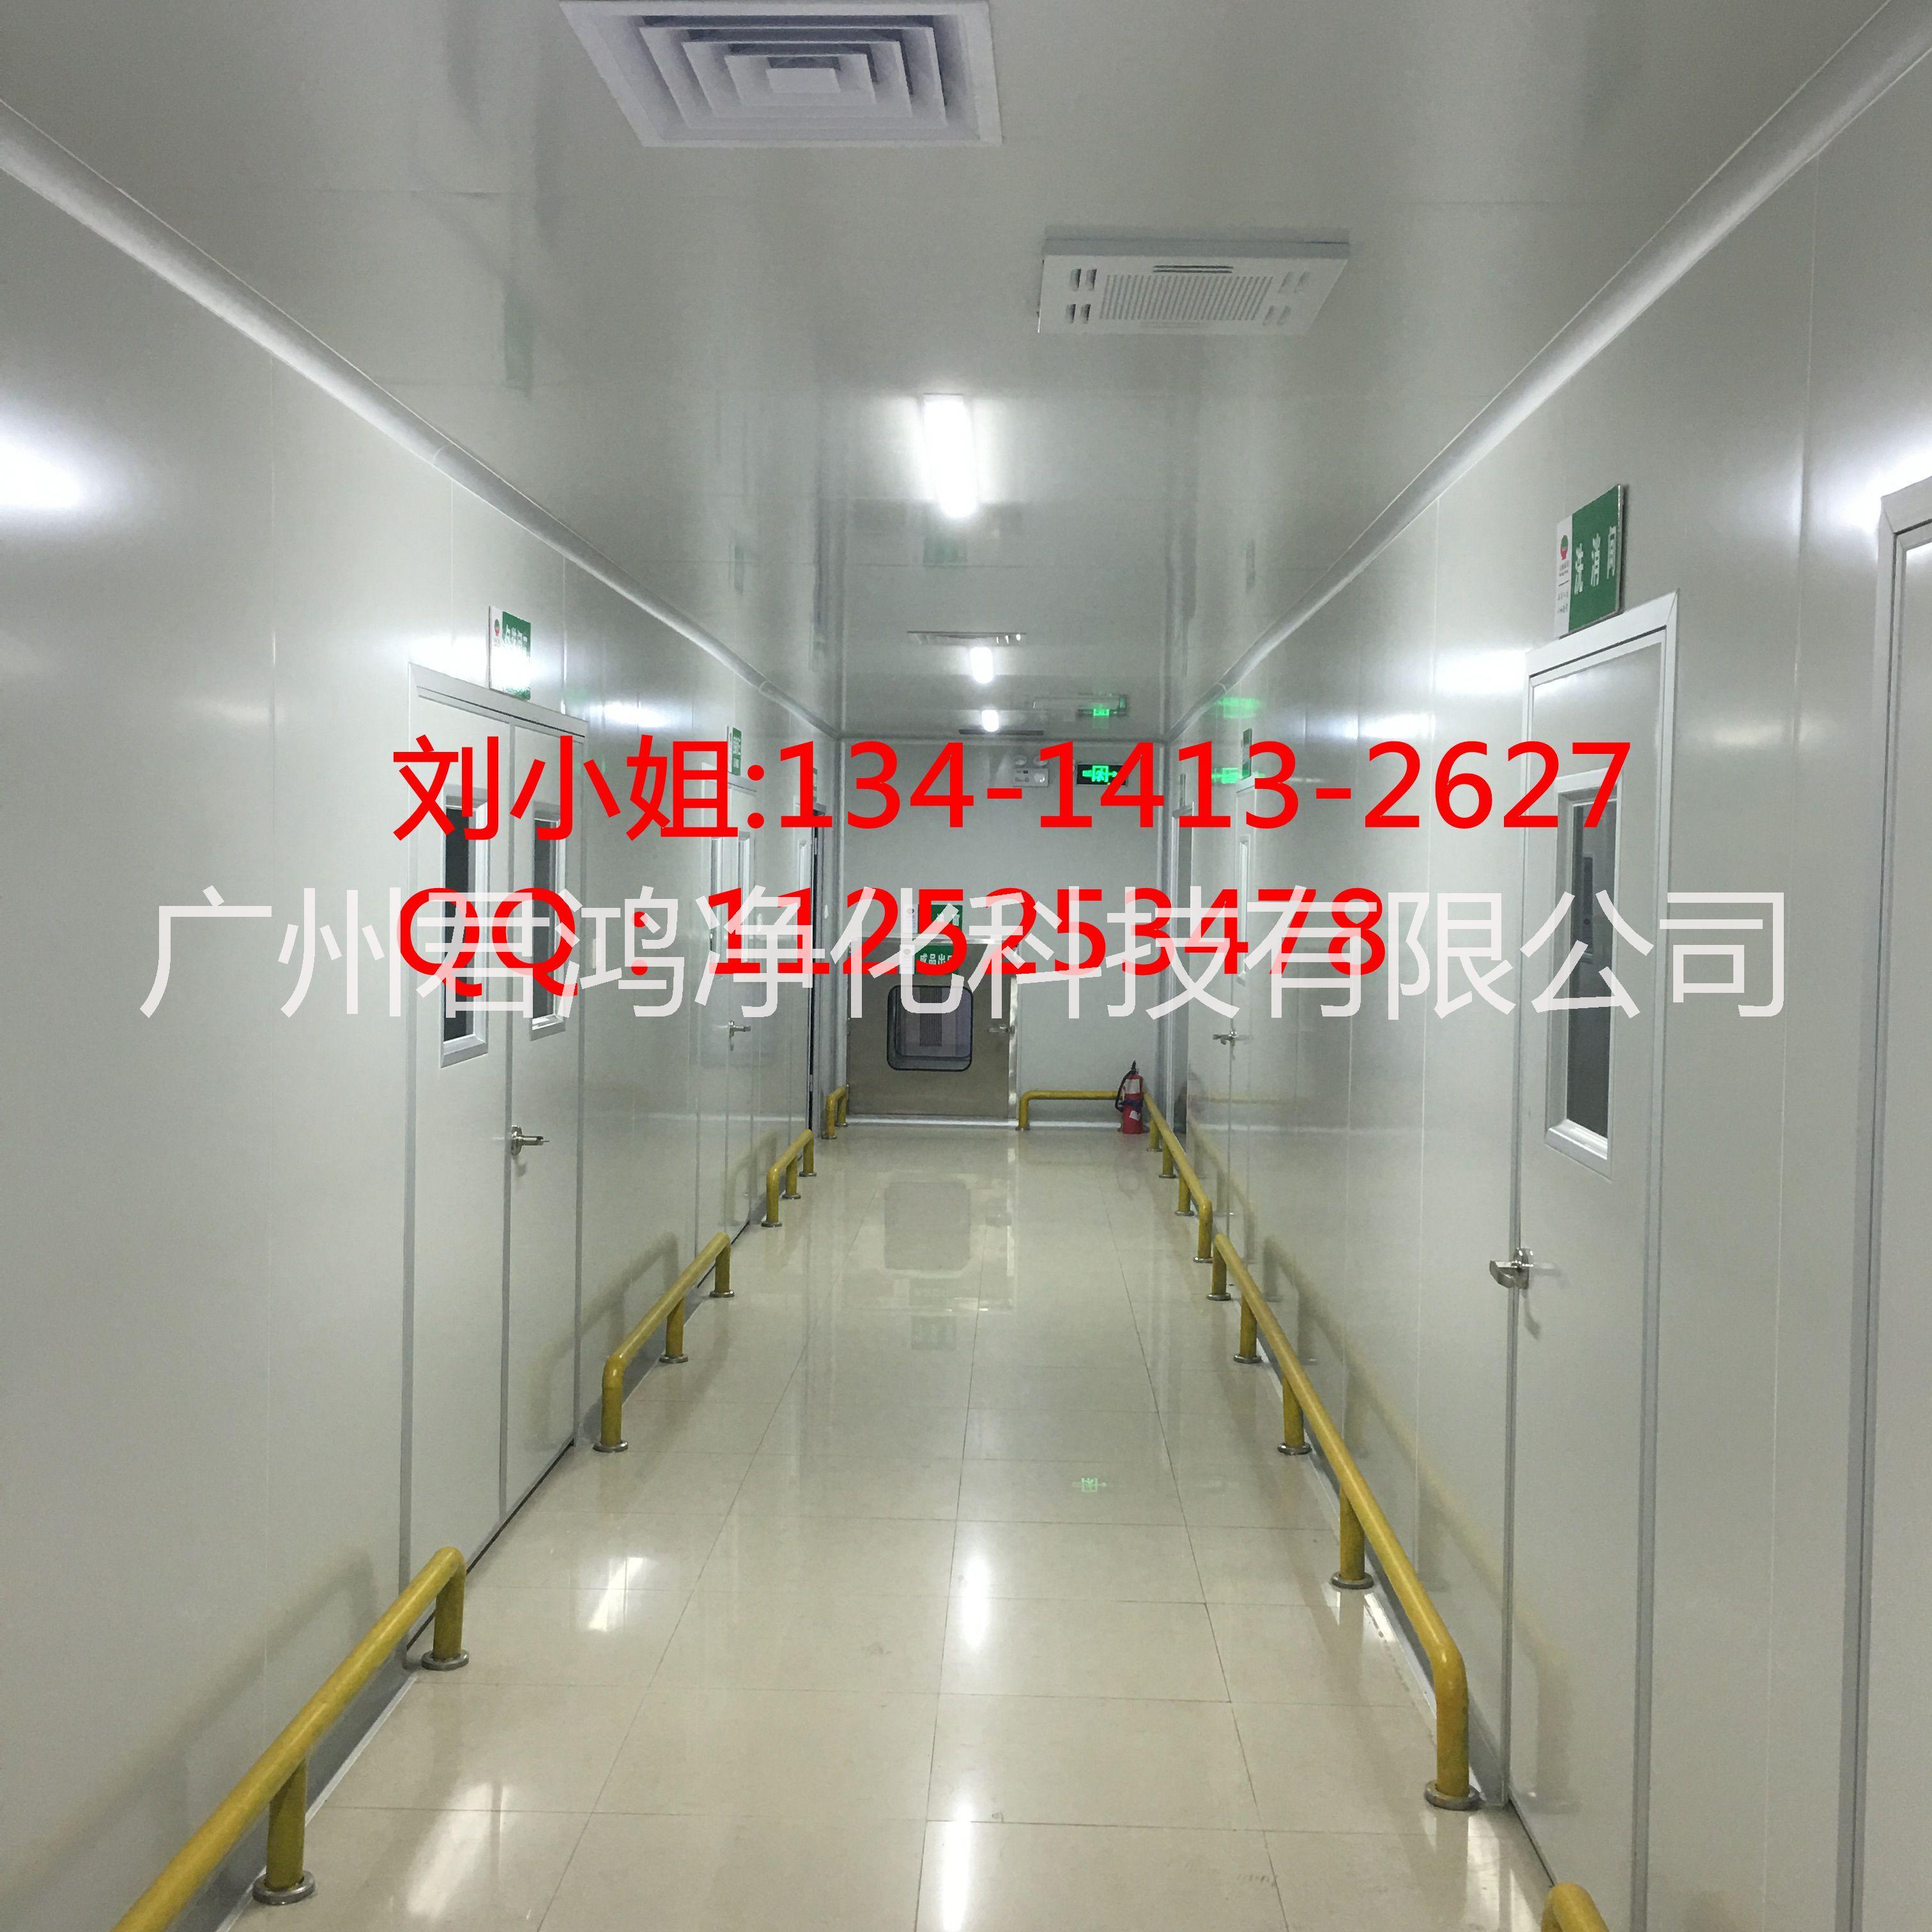 食品饮料10万级无菌洁净车间设计 广州君鸿净化工程公司